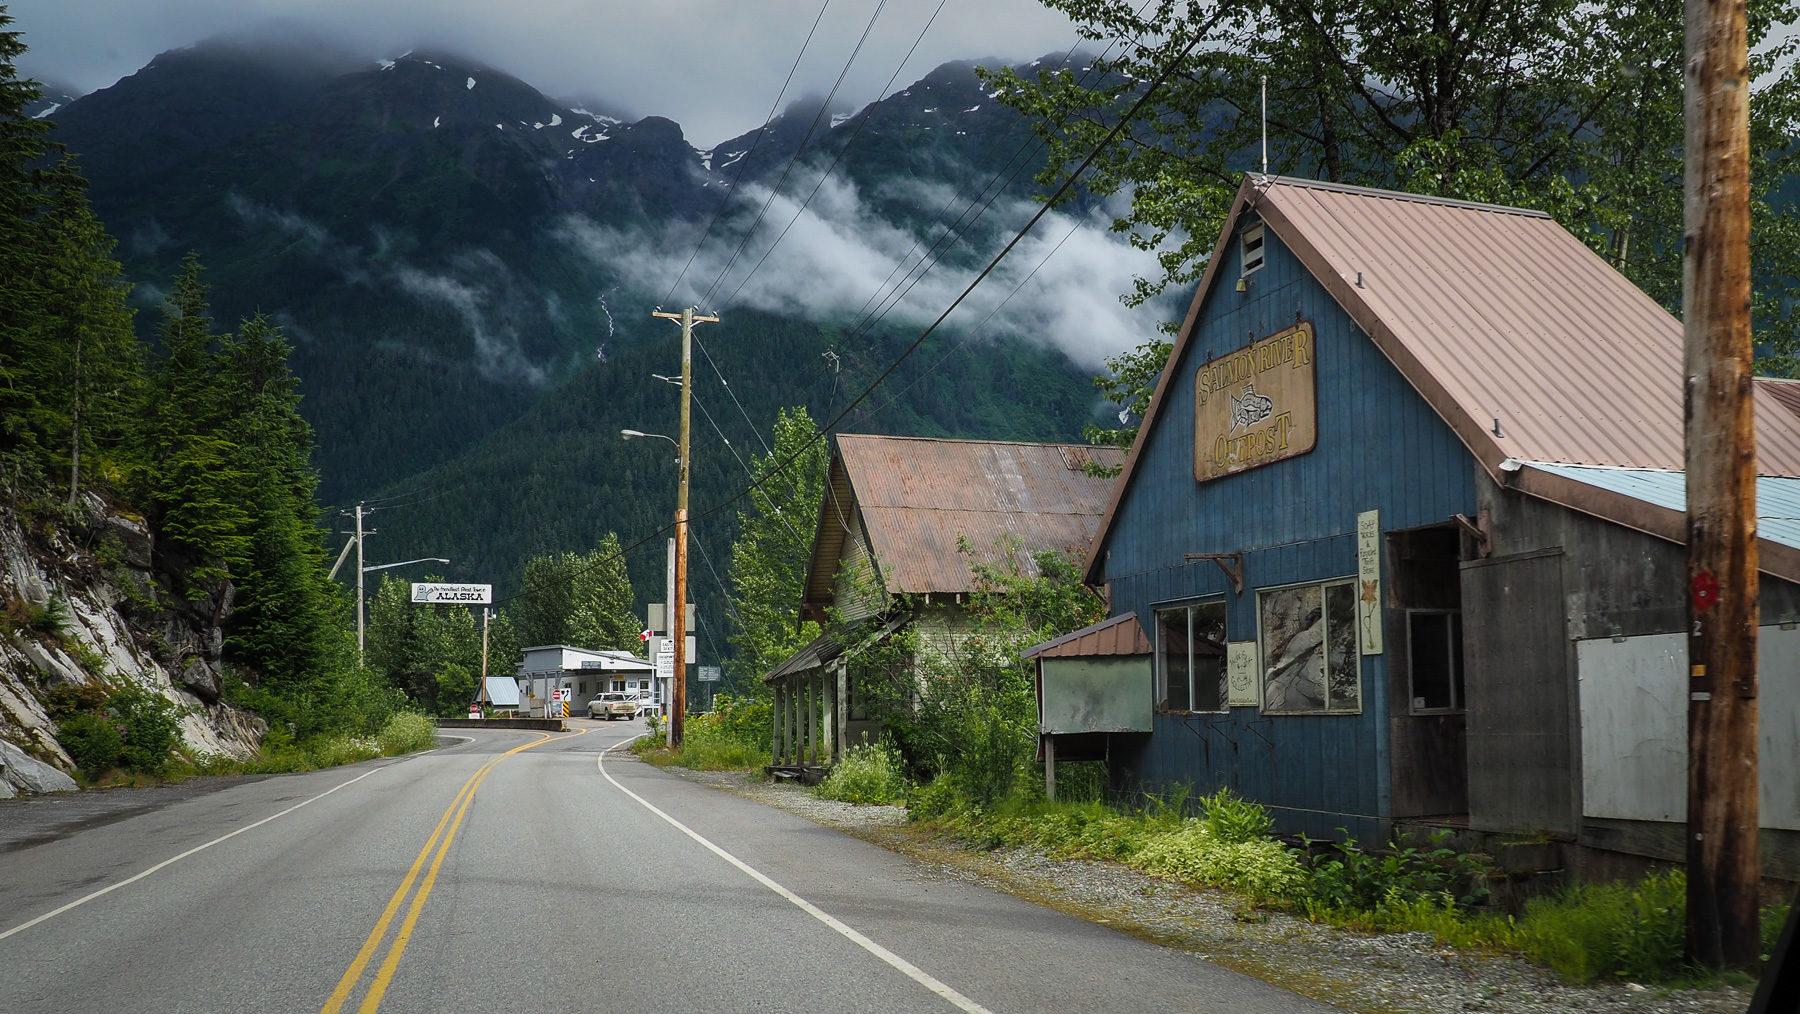 am Ende der Welt - Hyder am letzten Südzipfel von Alaska, Grenzstation Usa/Kanada im Hintergrund